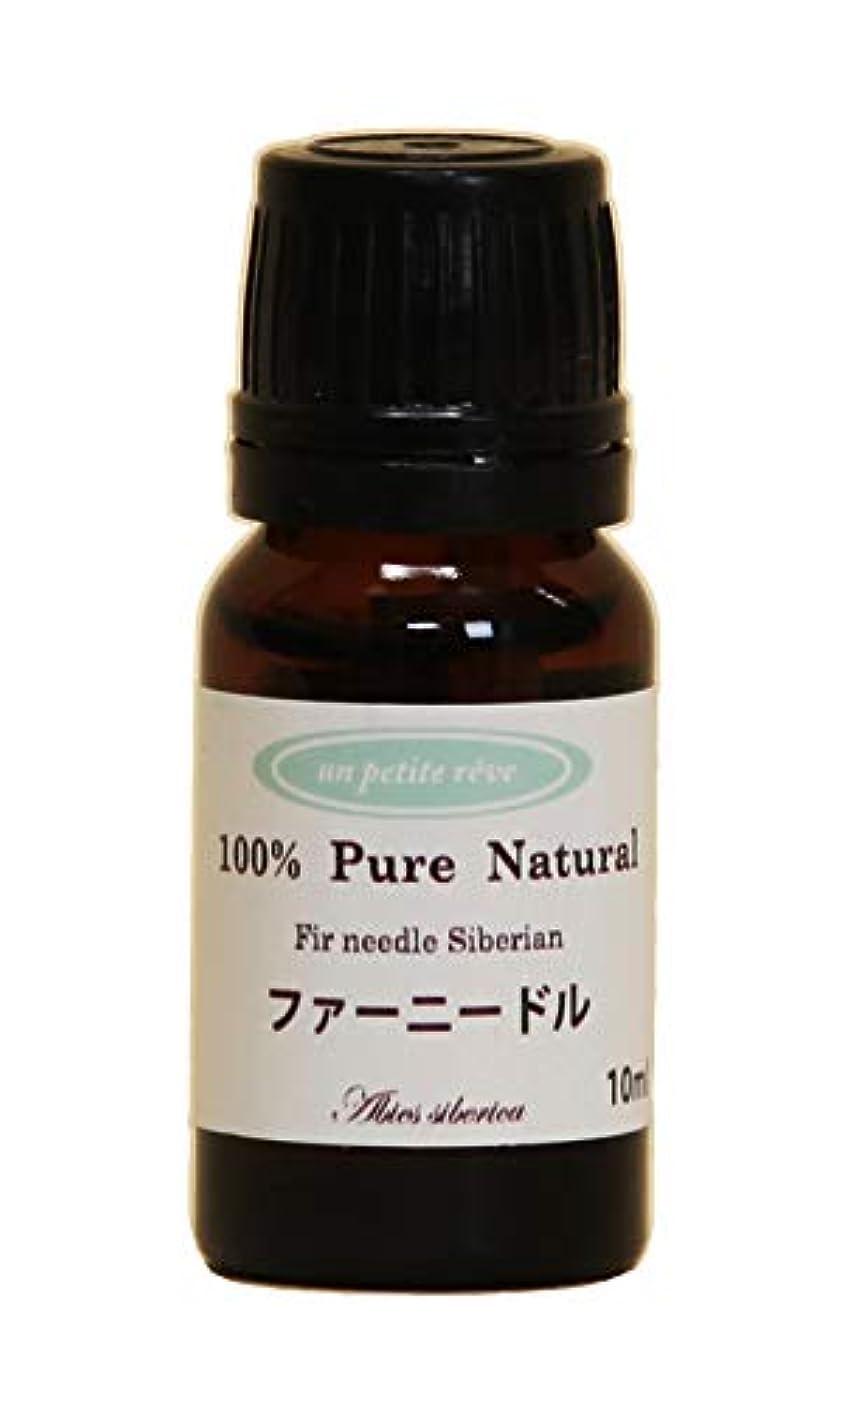 レプリカマウスピース細胞ファーニードル(シベリアモミ) 10ml 100%天然アロマエッセンシャルオイル(精油)